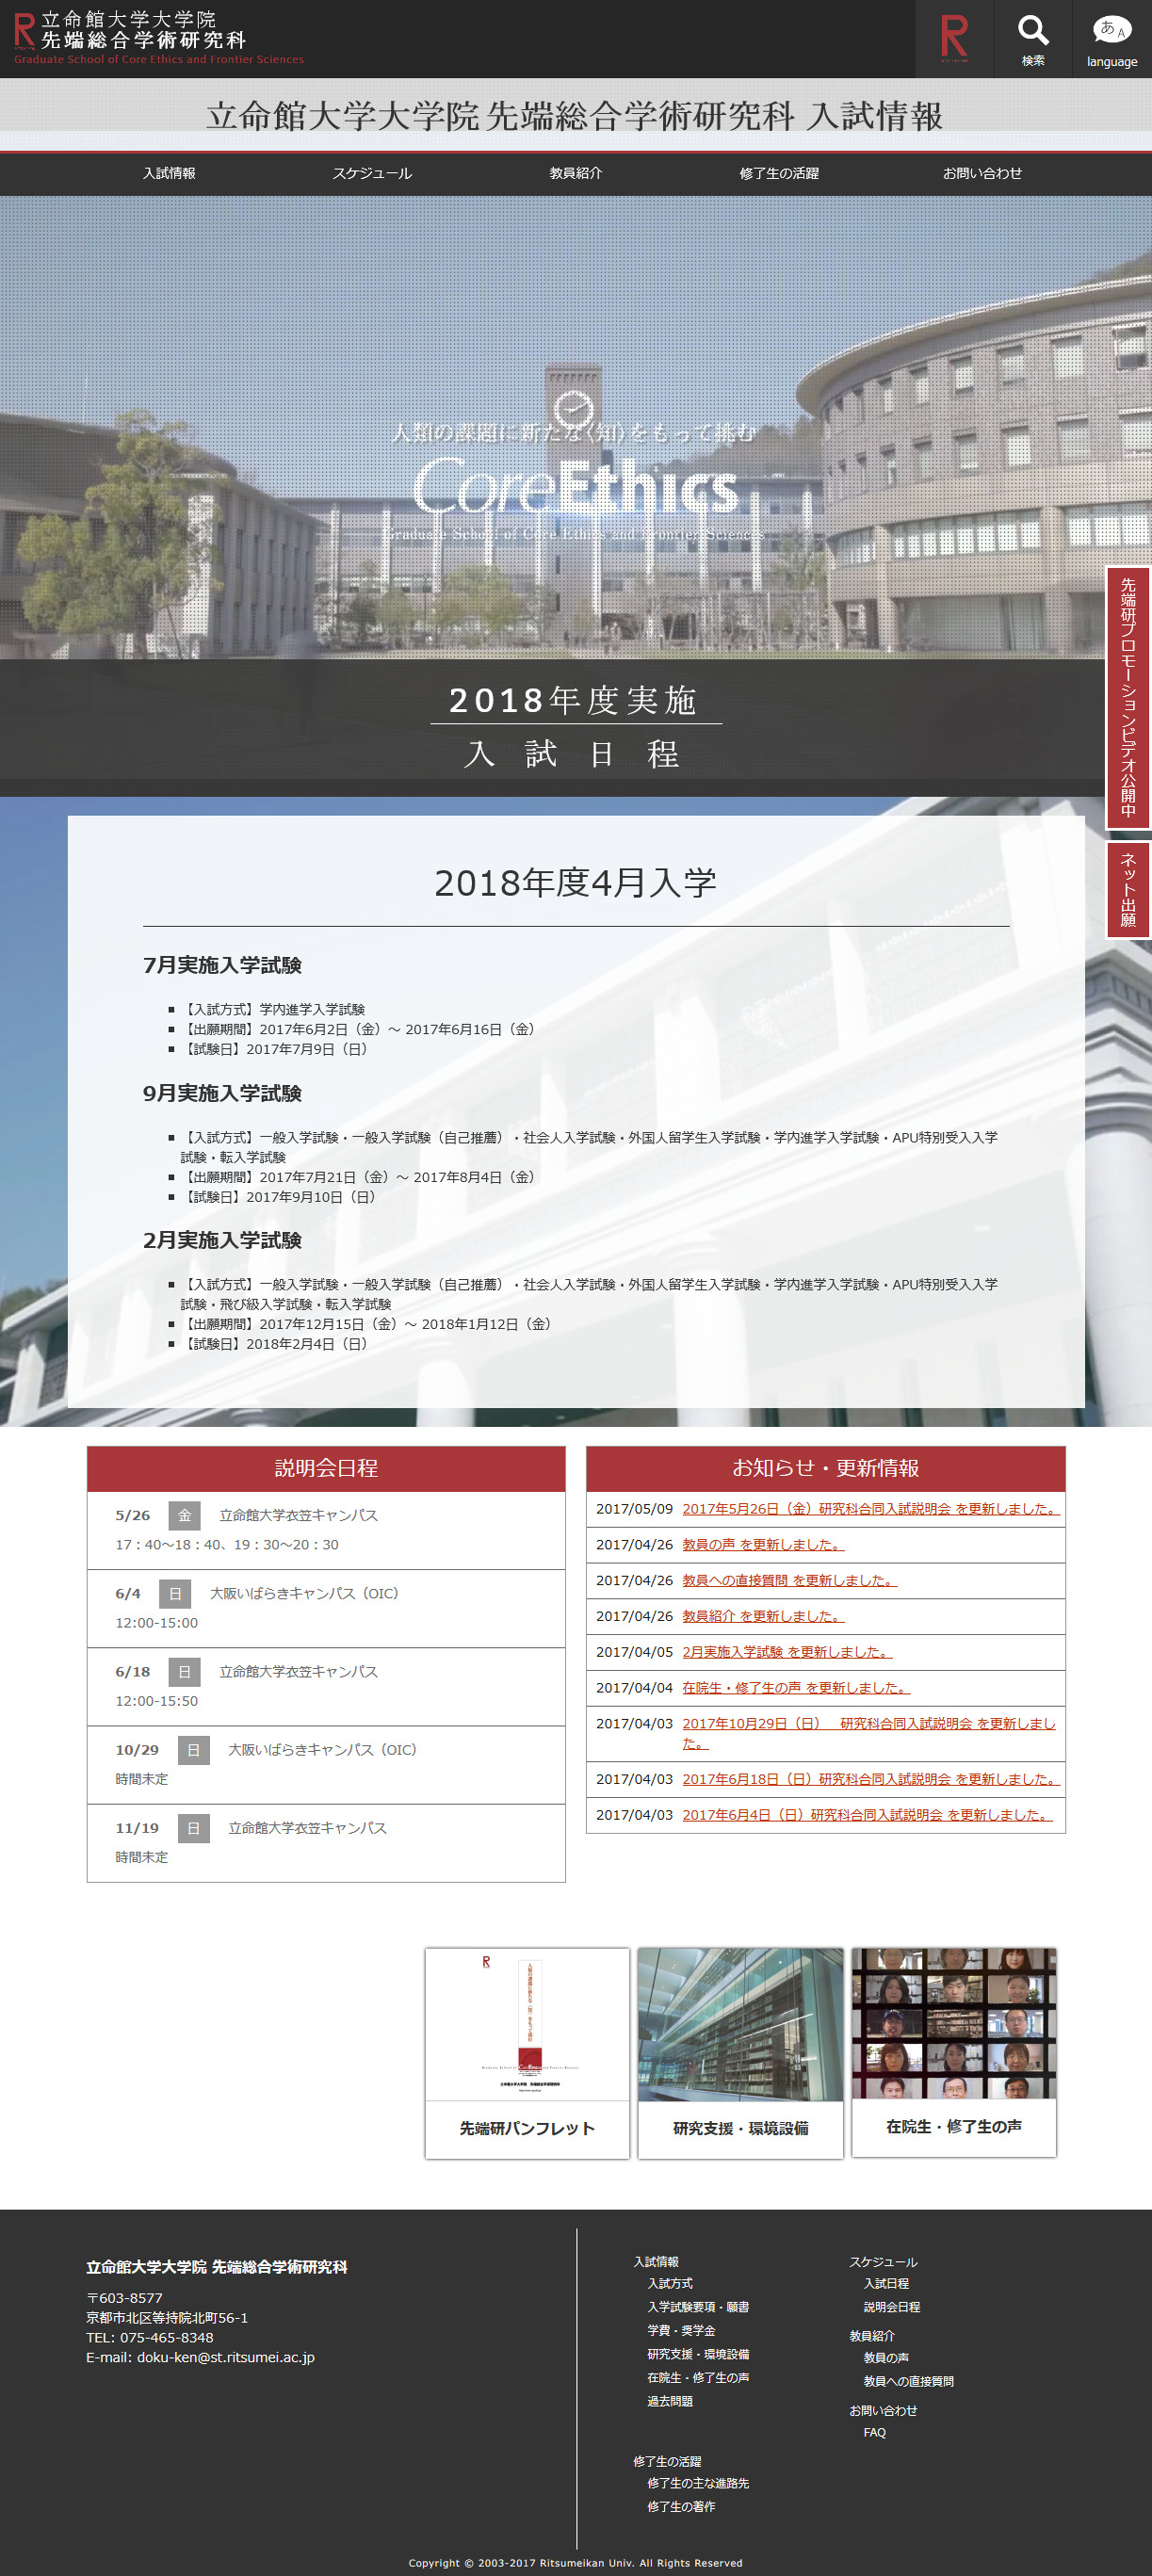 立命館大学大学院 先端総合学術研究科 入試サイト PC版